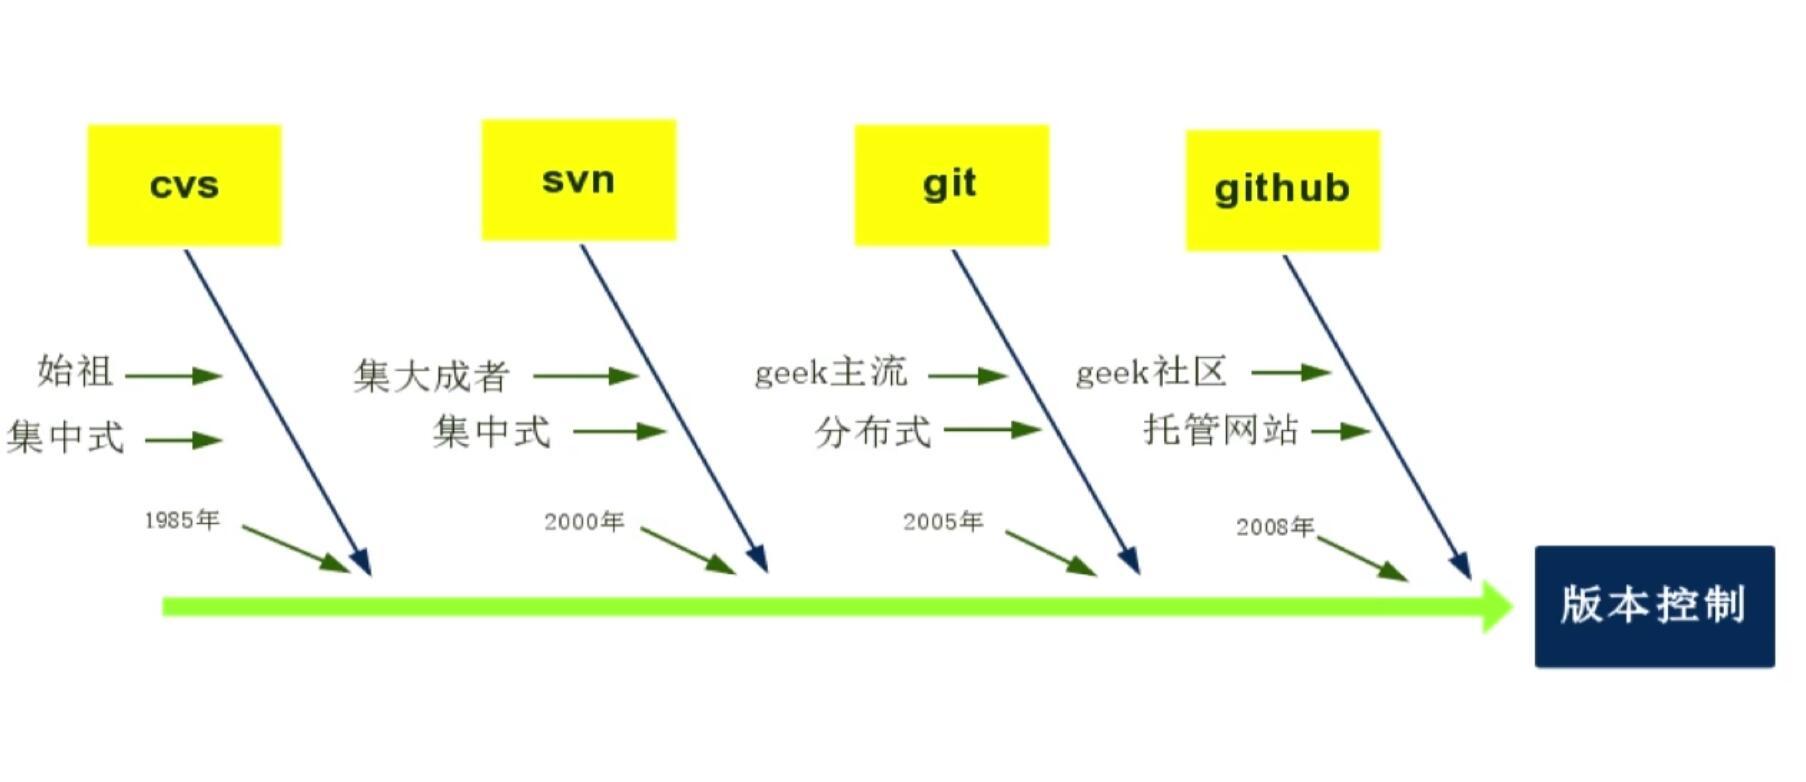 版本控制工具-Git与Svn